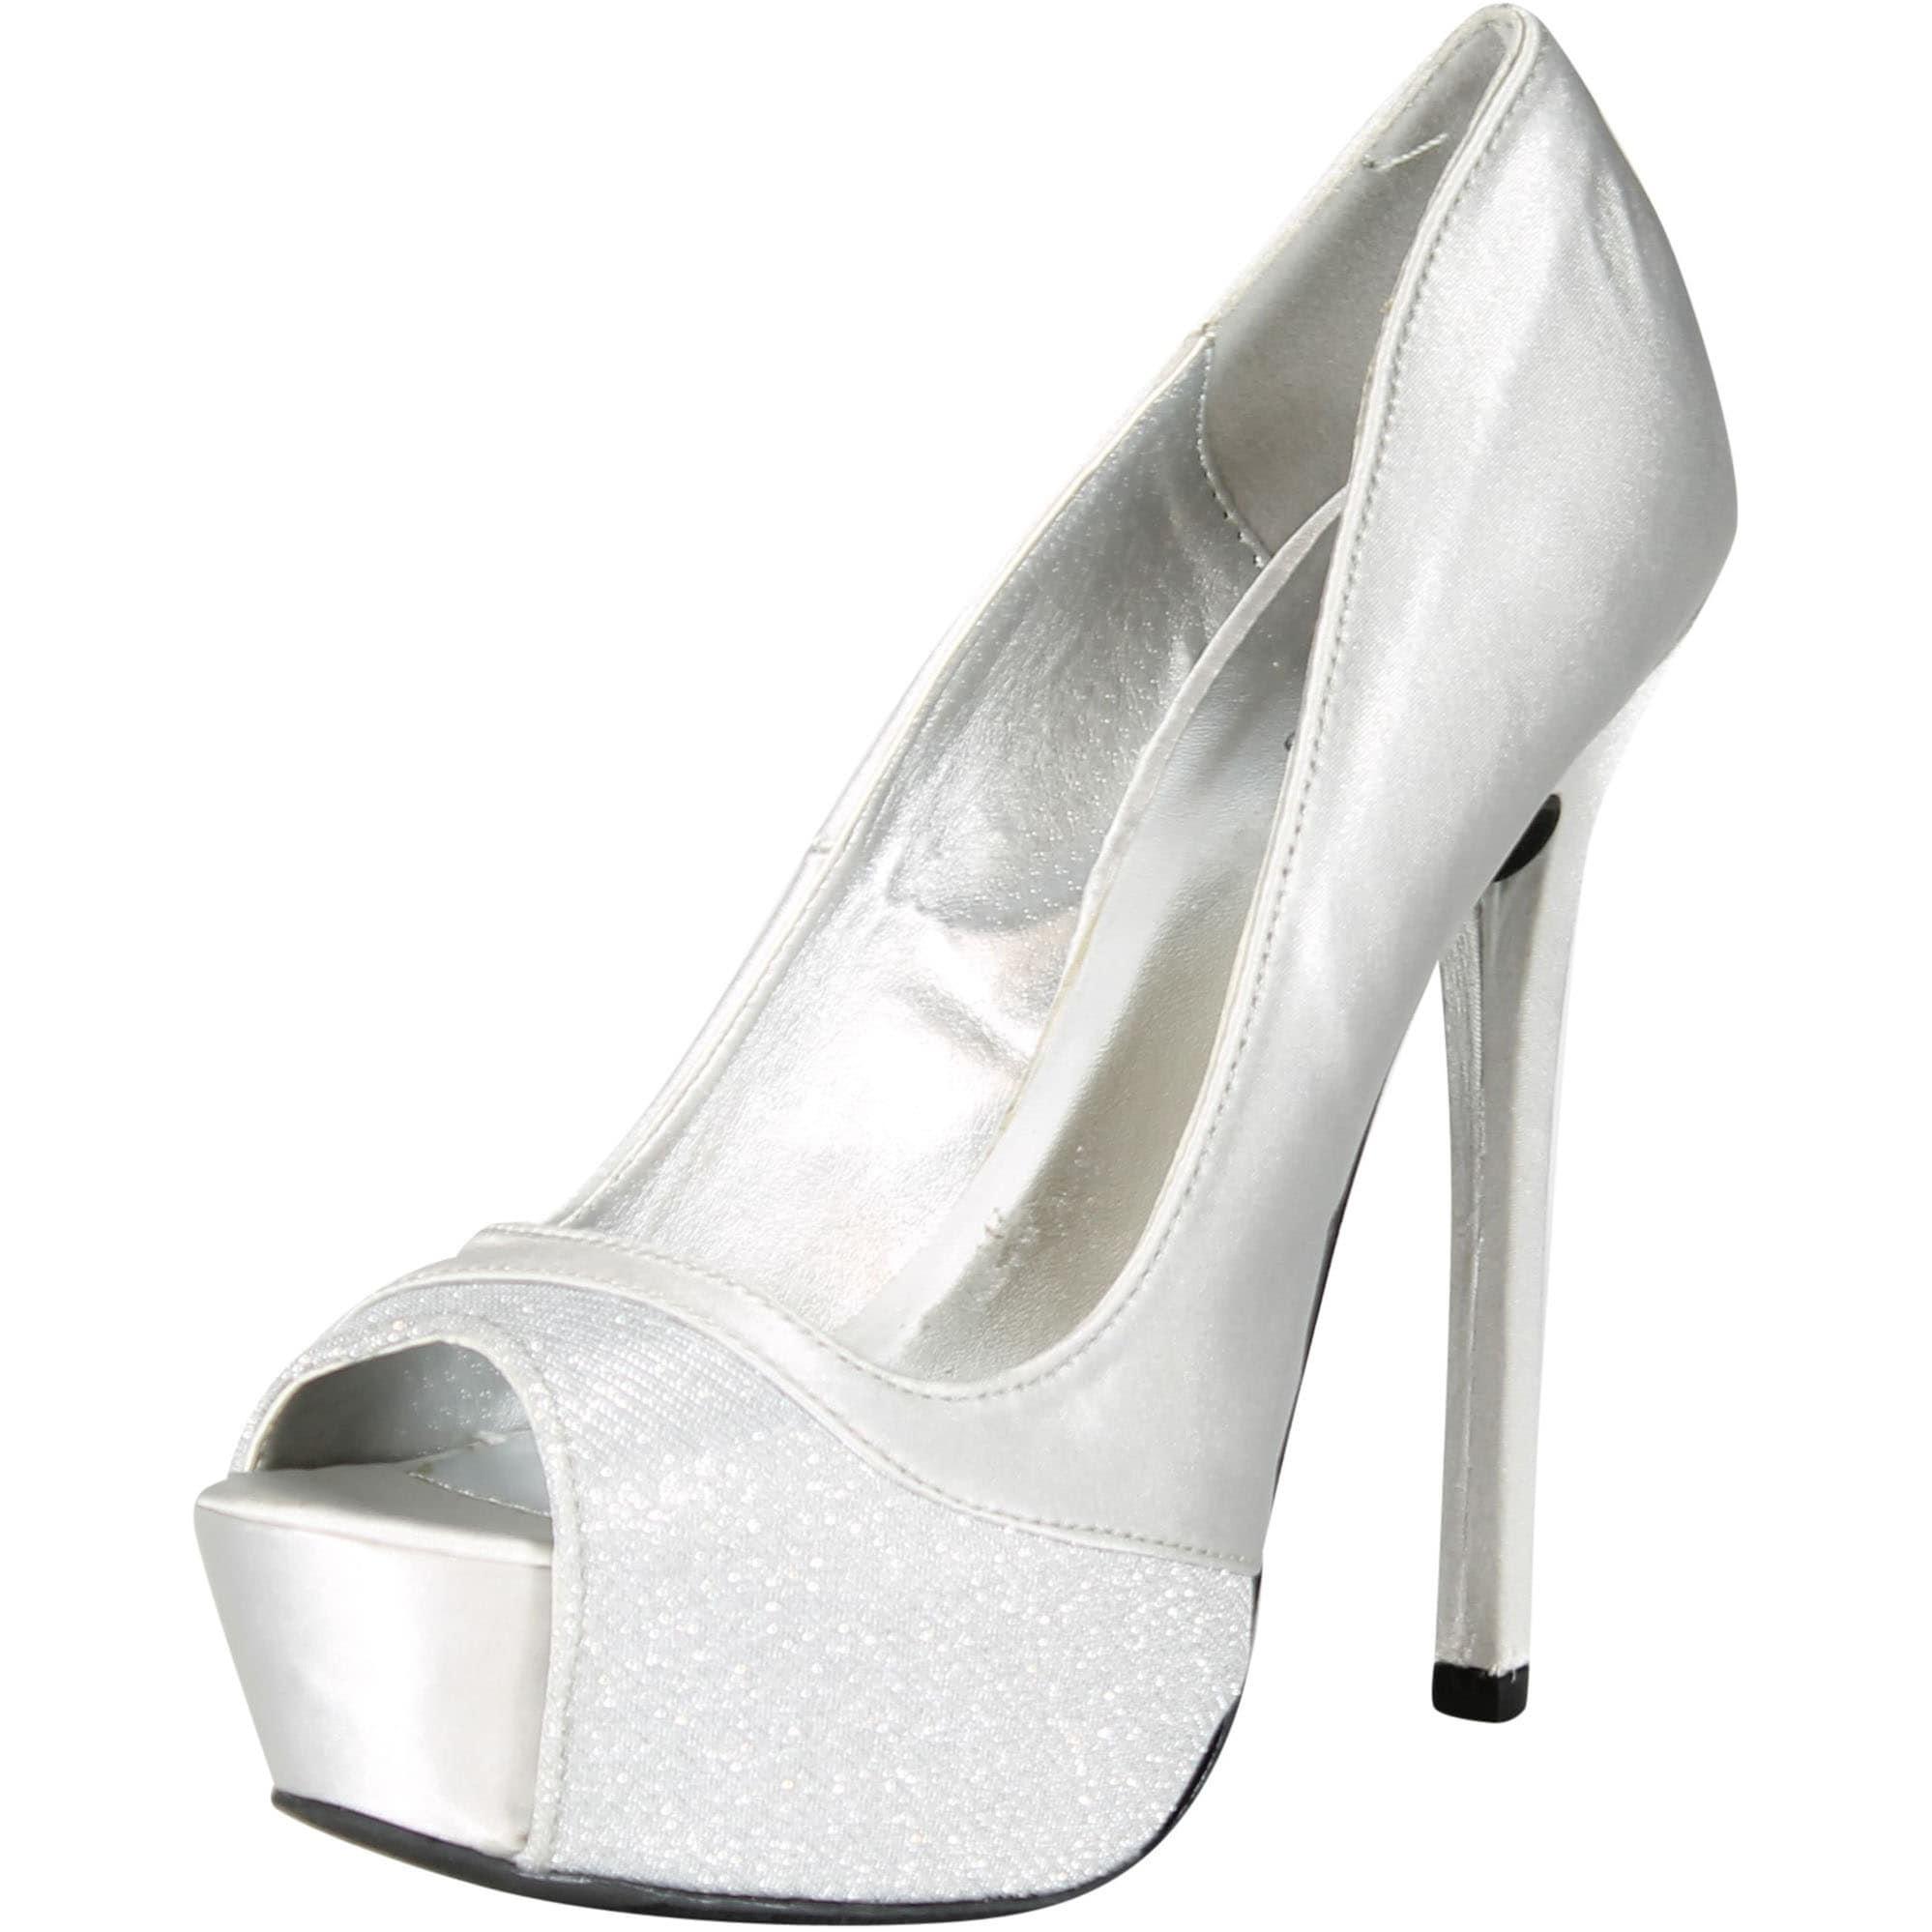 cd74379c36 Buy Medium Qupid Women's Heels Online at Overstock | Our Best Women's Shoes  Deals